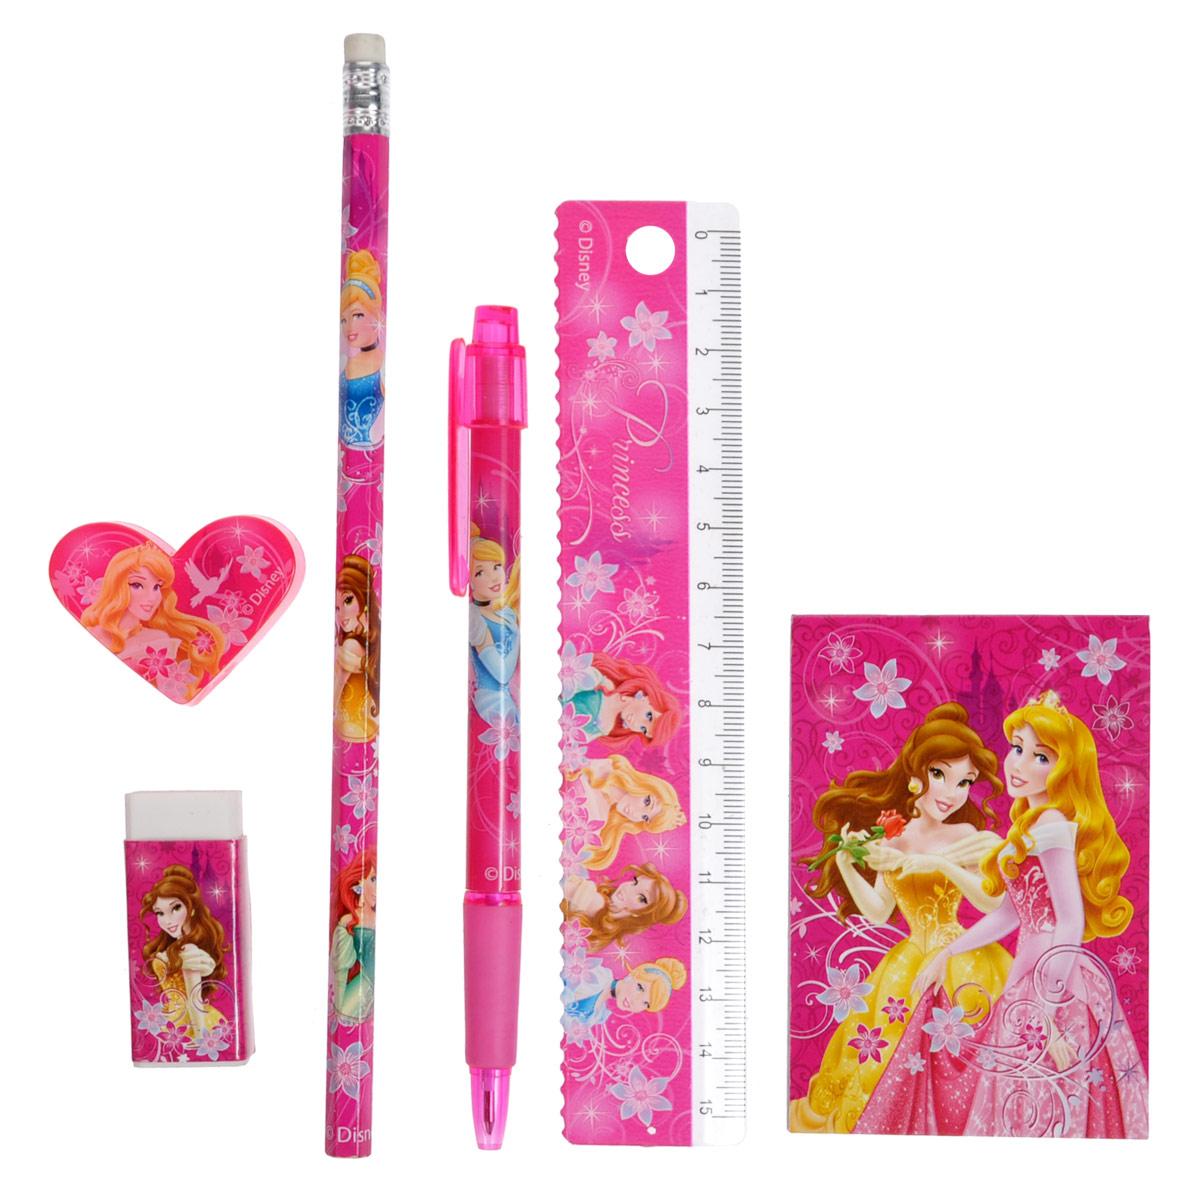 Канцелярский набор Princess, 7 предметовPRAB-US1-75409-HКанцелярский набор Princess станет незаменимым атрибутом в учебе любой школьницы. Он включает в себя пластиковый пенал, чернографитный карандаш с ластиком, автоматическую ручку, ластик, точилку, пластиковую линейку 15 см и небольшой блокнотик. Пенал снабжен поднимающейся подставкой для пишущих принадлежностей. Он раскрывается в центре, секции разворачиваются, и пенал можно использовать в качестве стакана для канцелярских принадлежностей. Ручка снабжена прорезиненной вставкой в области захвата, подача стержня производится путем нажатия на кнопку в верхней части ручки. Блокнотик снабжен картонной обложкой, внутренний блок содержит листы с печатью. Все предметы набора оформлены изображениями диснеевских принцесс Золушки, Белль, Ариэль и Авроры.